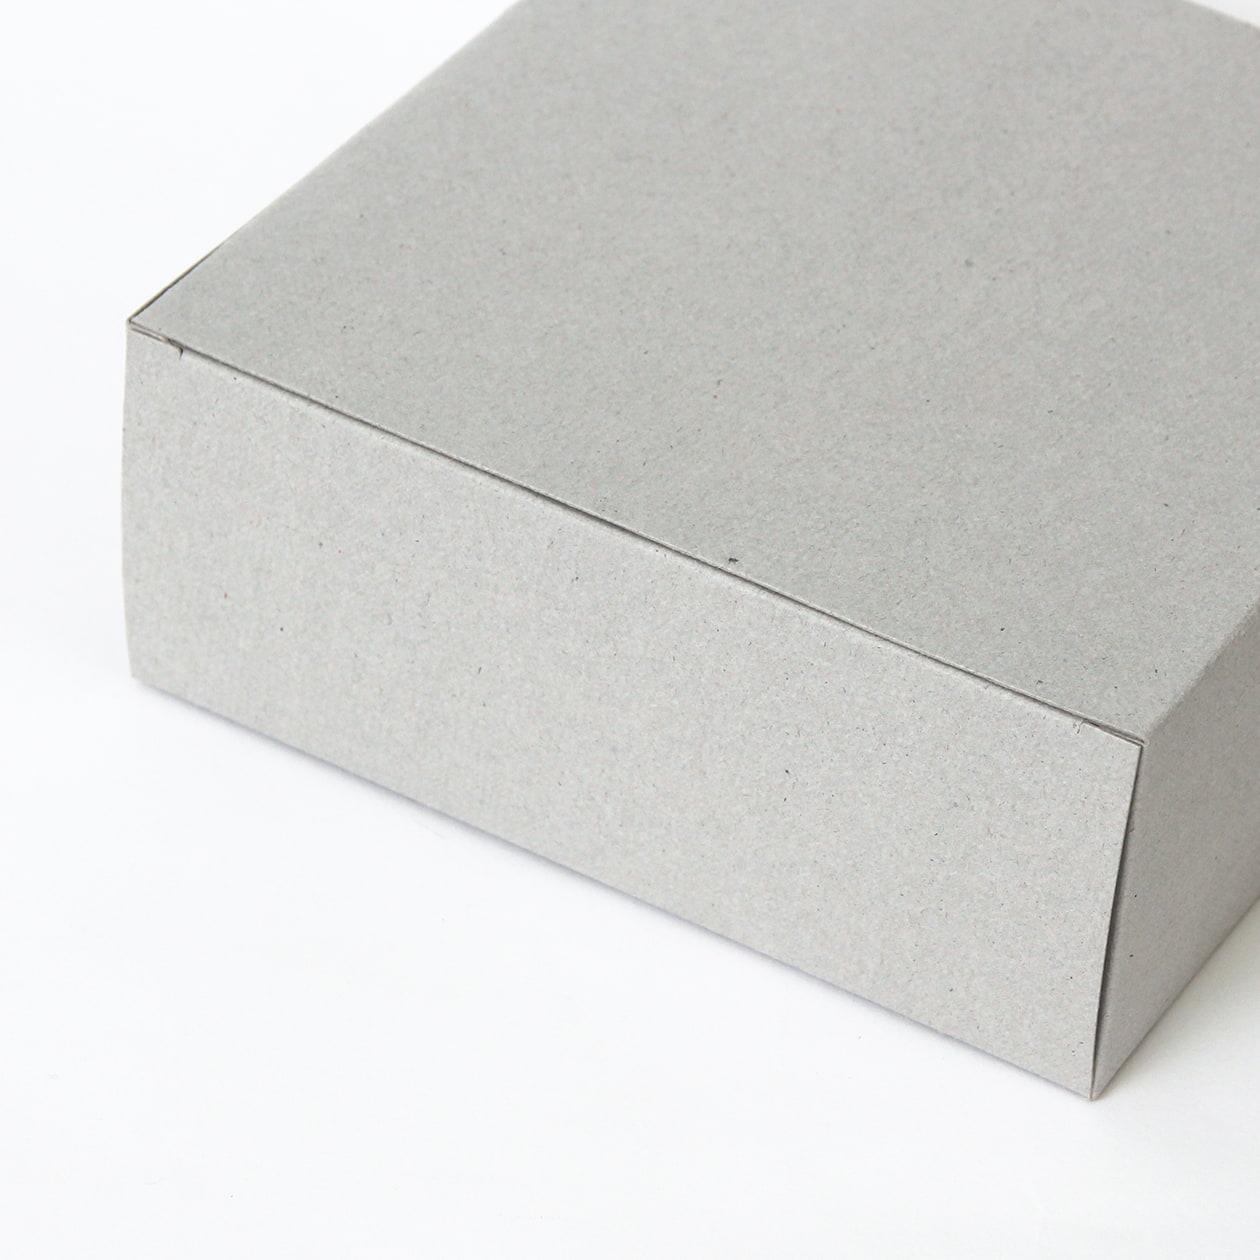 キャラメル箱125×50×125